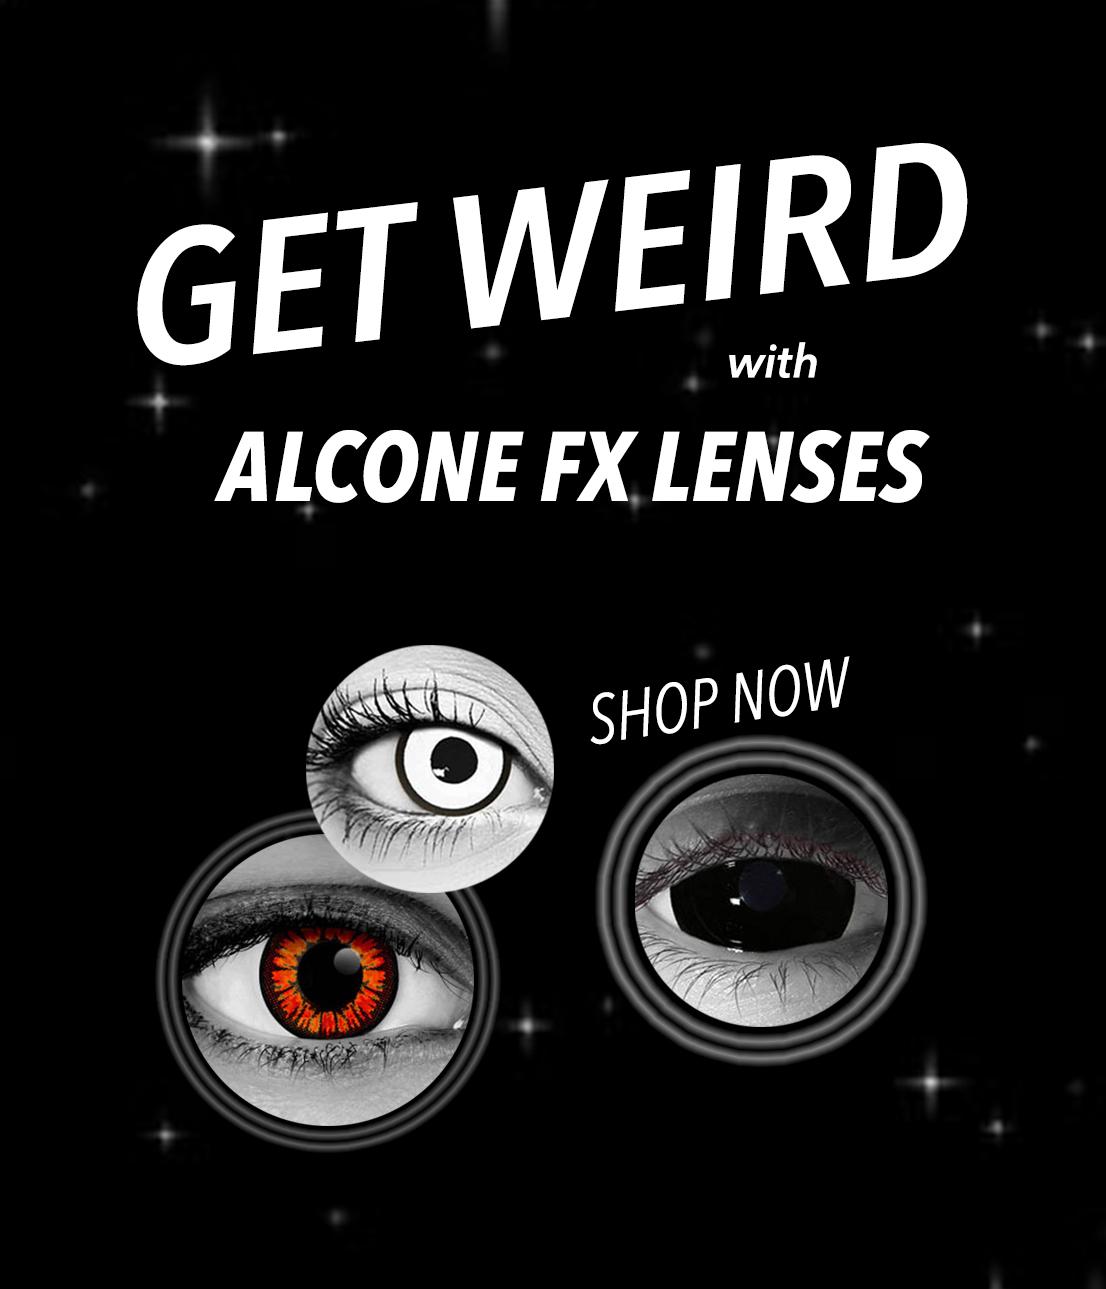 SHOP Alcone FX Contact Lenses